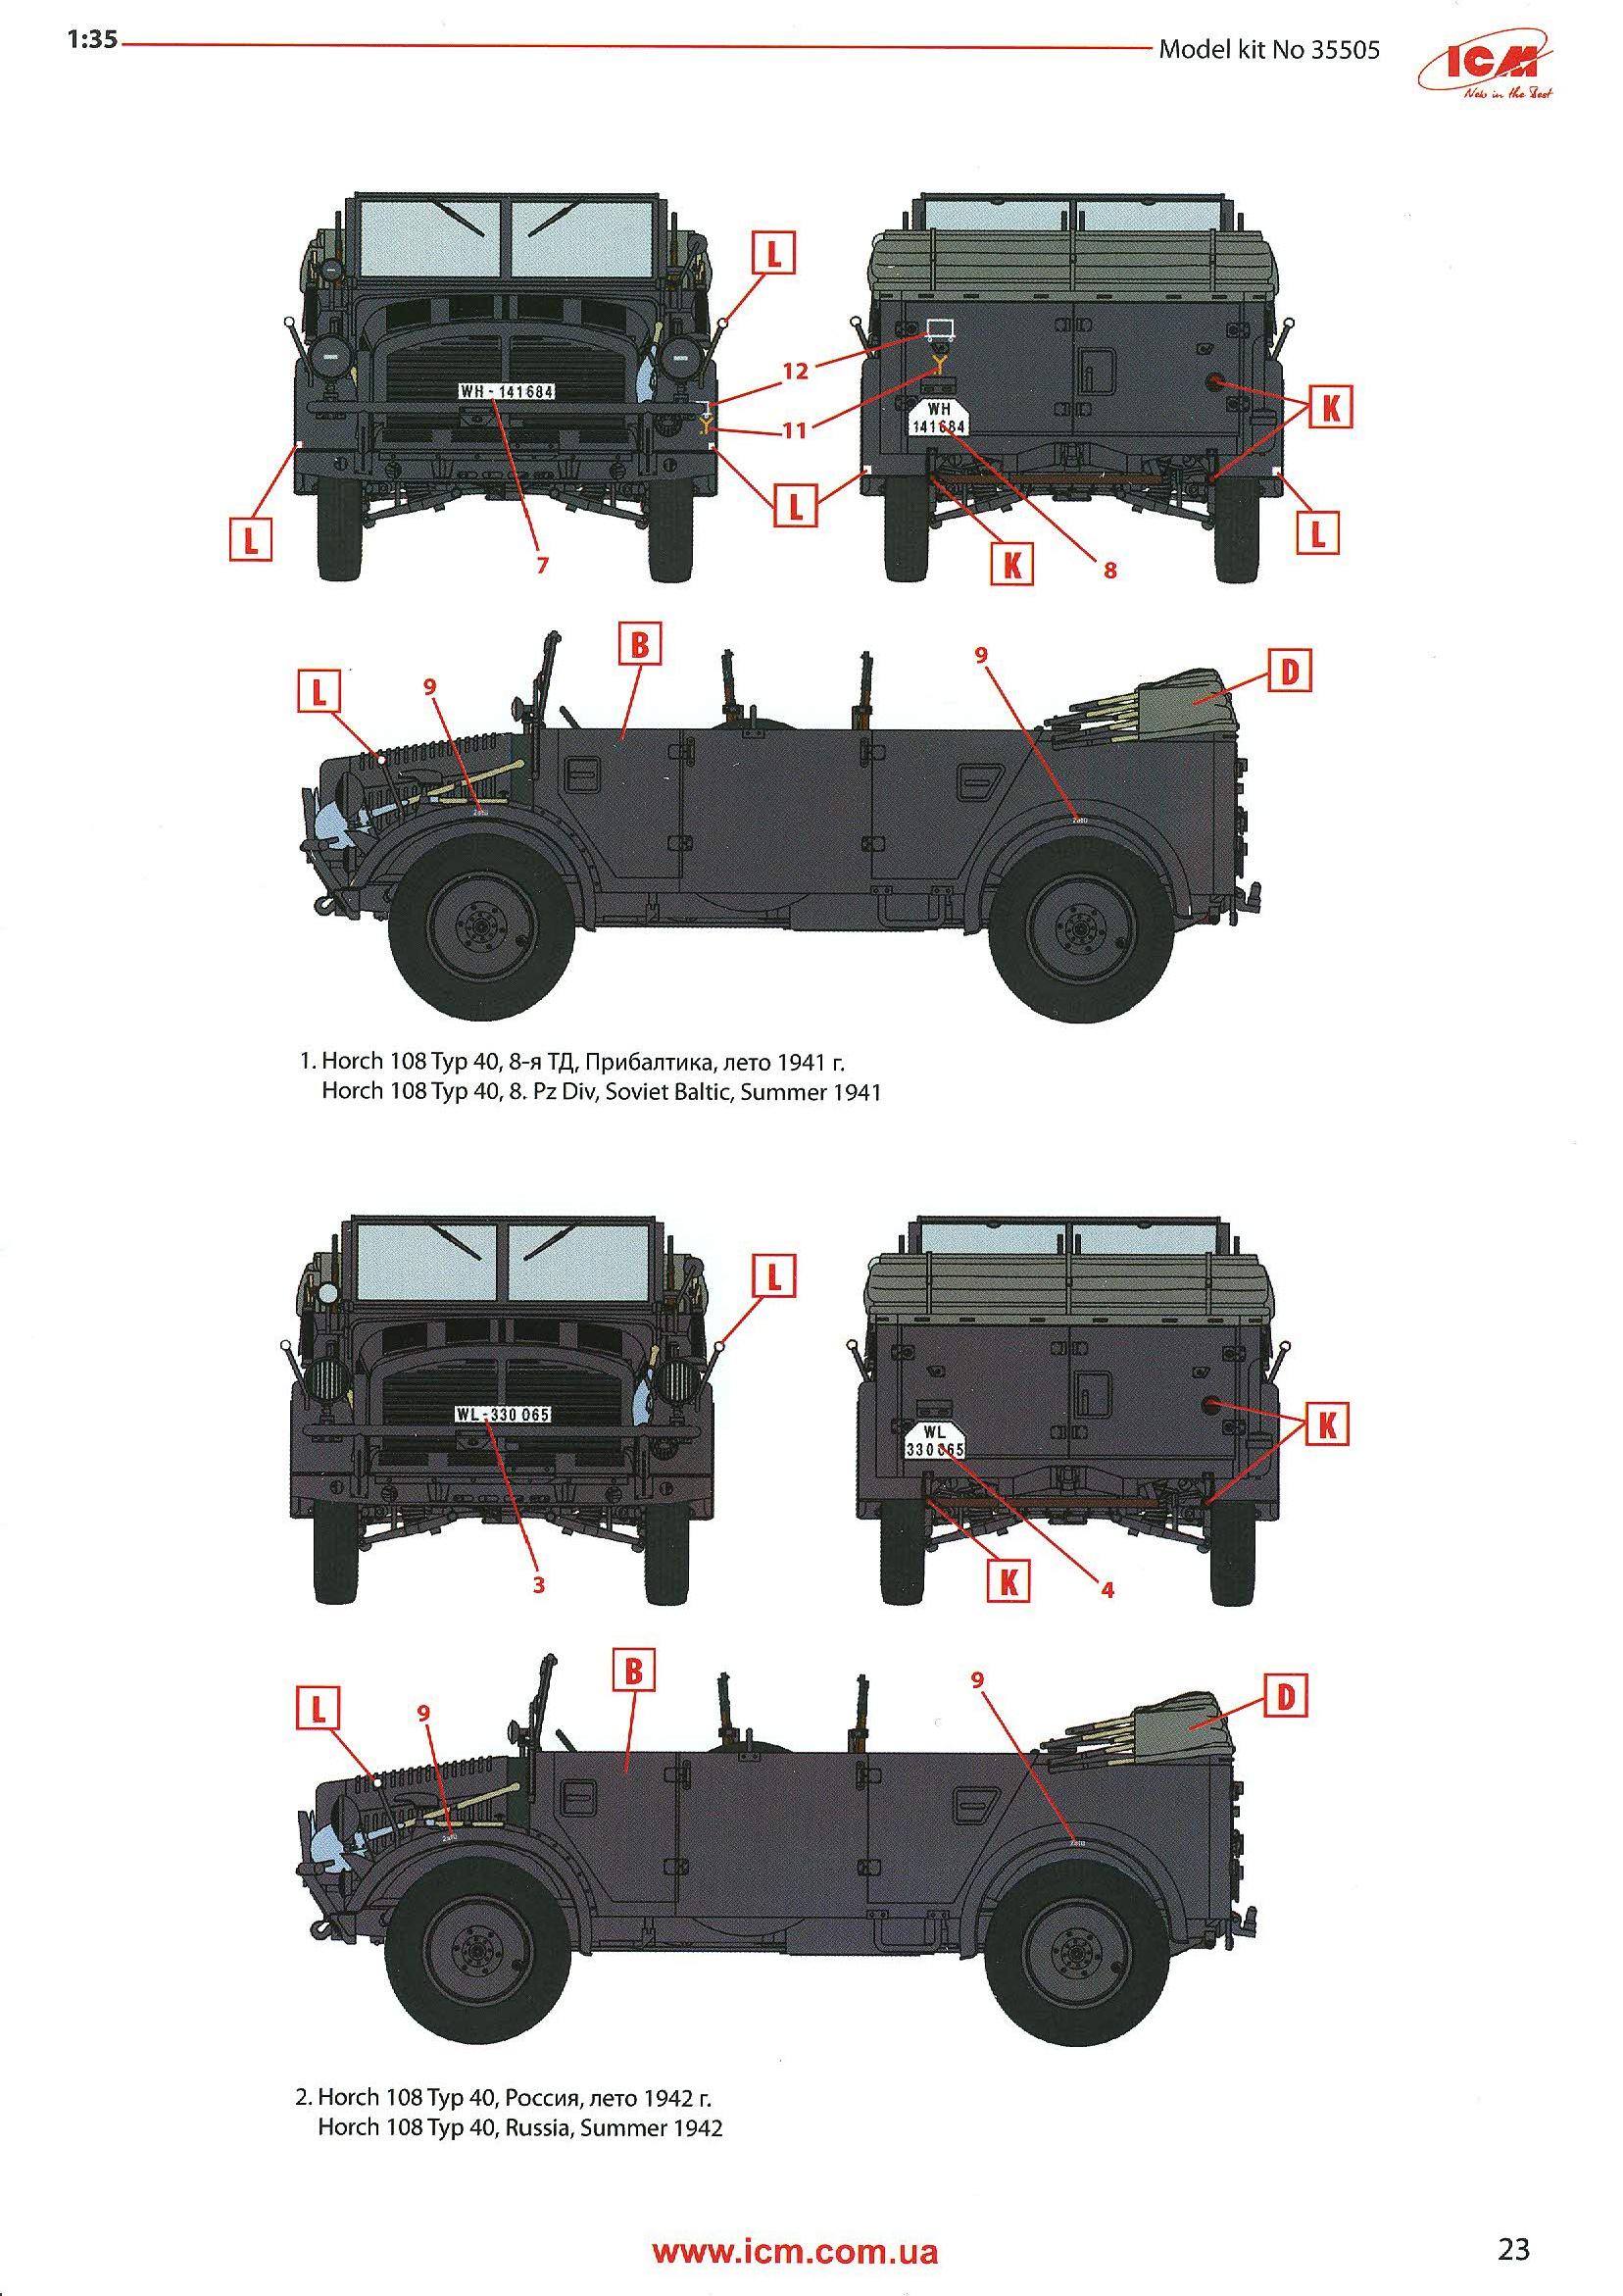 Horch-108-Typ-40-023 Wehrmacht Off-Road Cars in 1:35 von ICM # DS3503